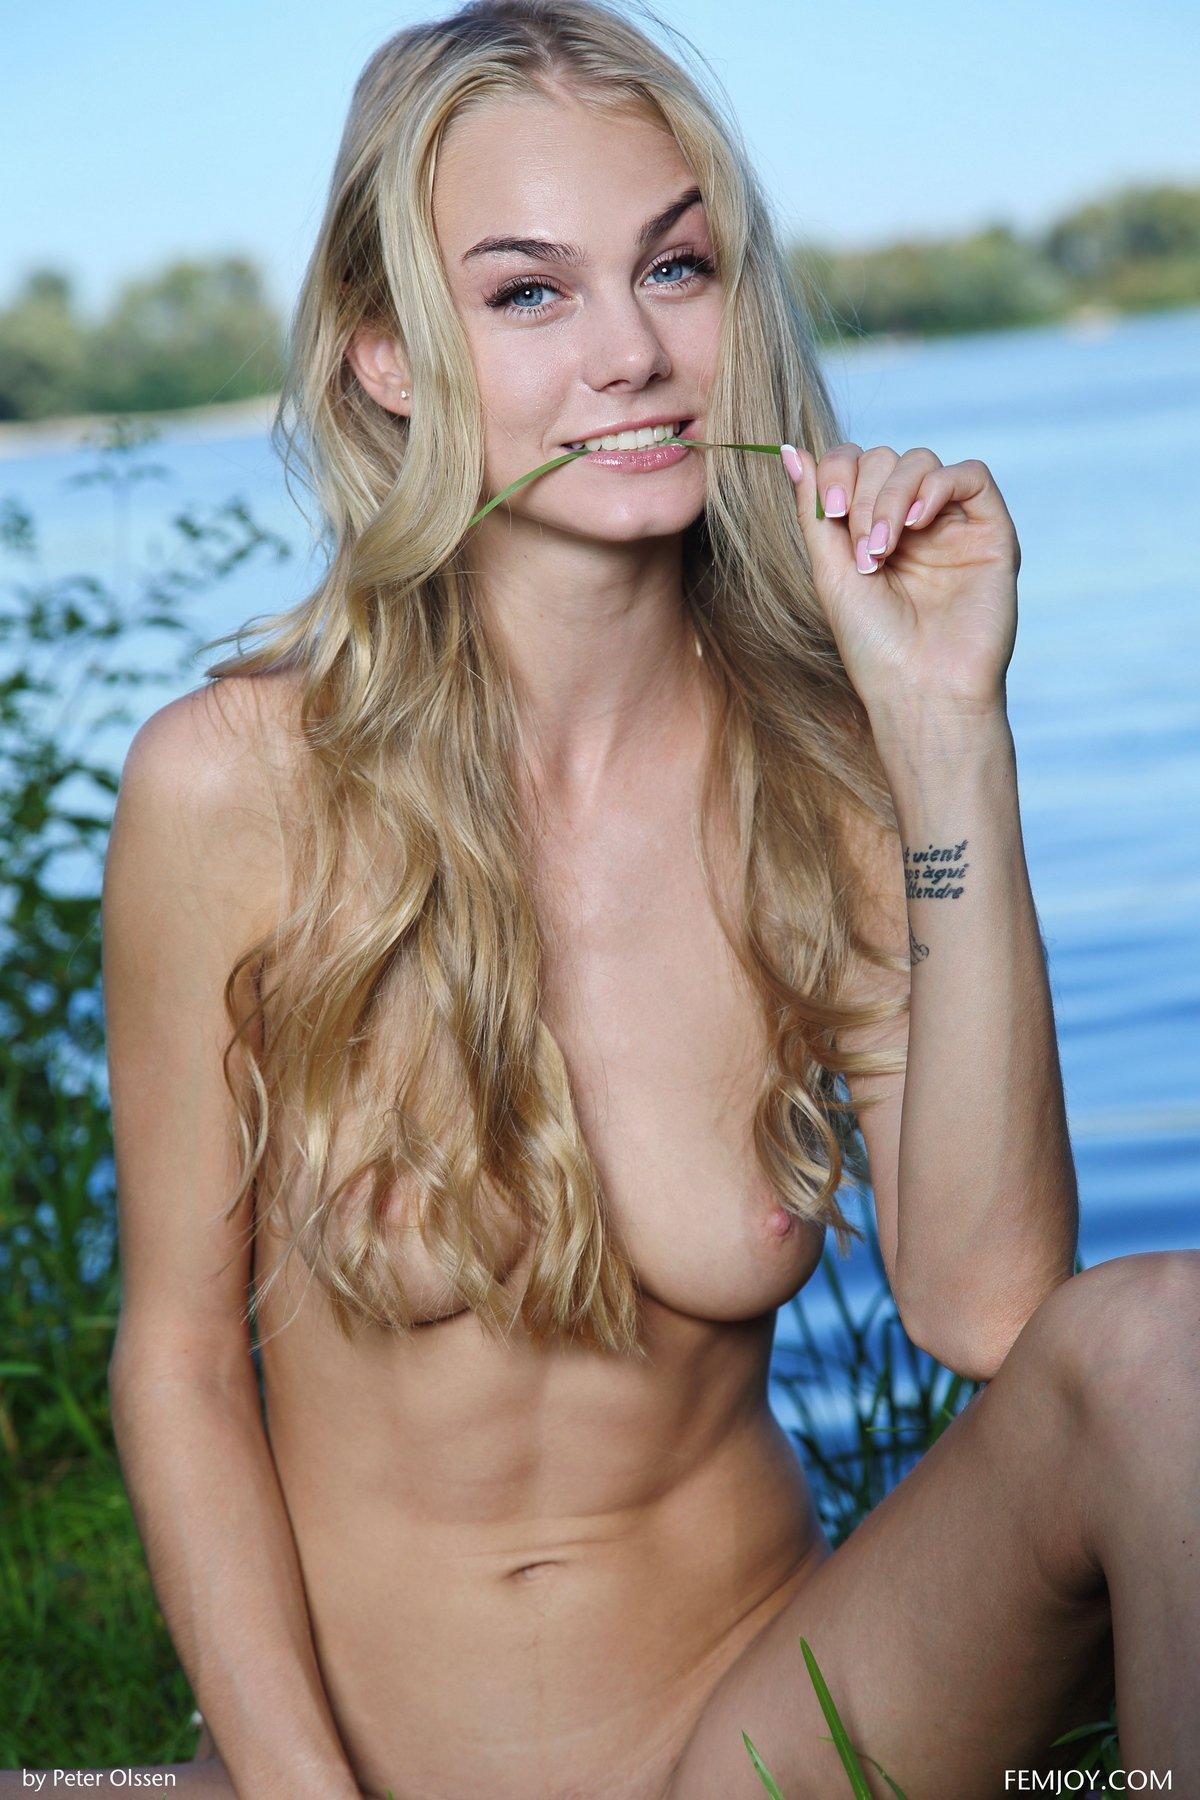 Красивая голая блондинка на природе